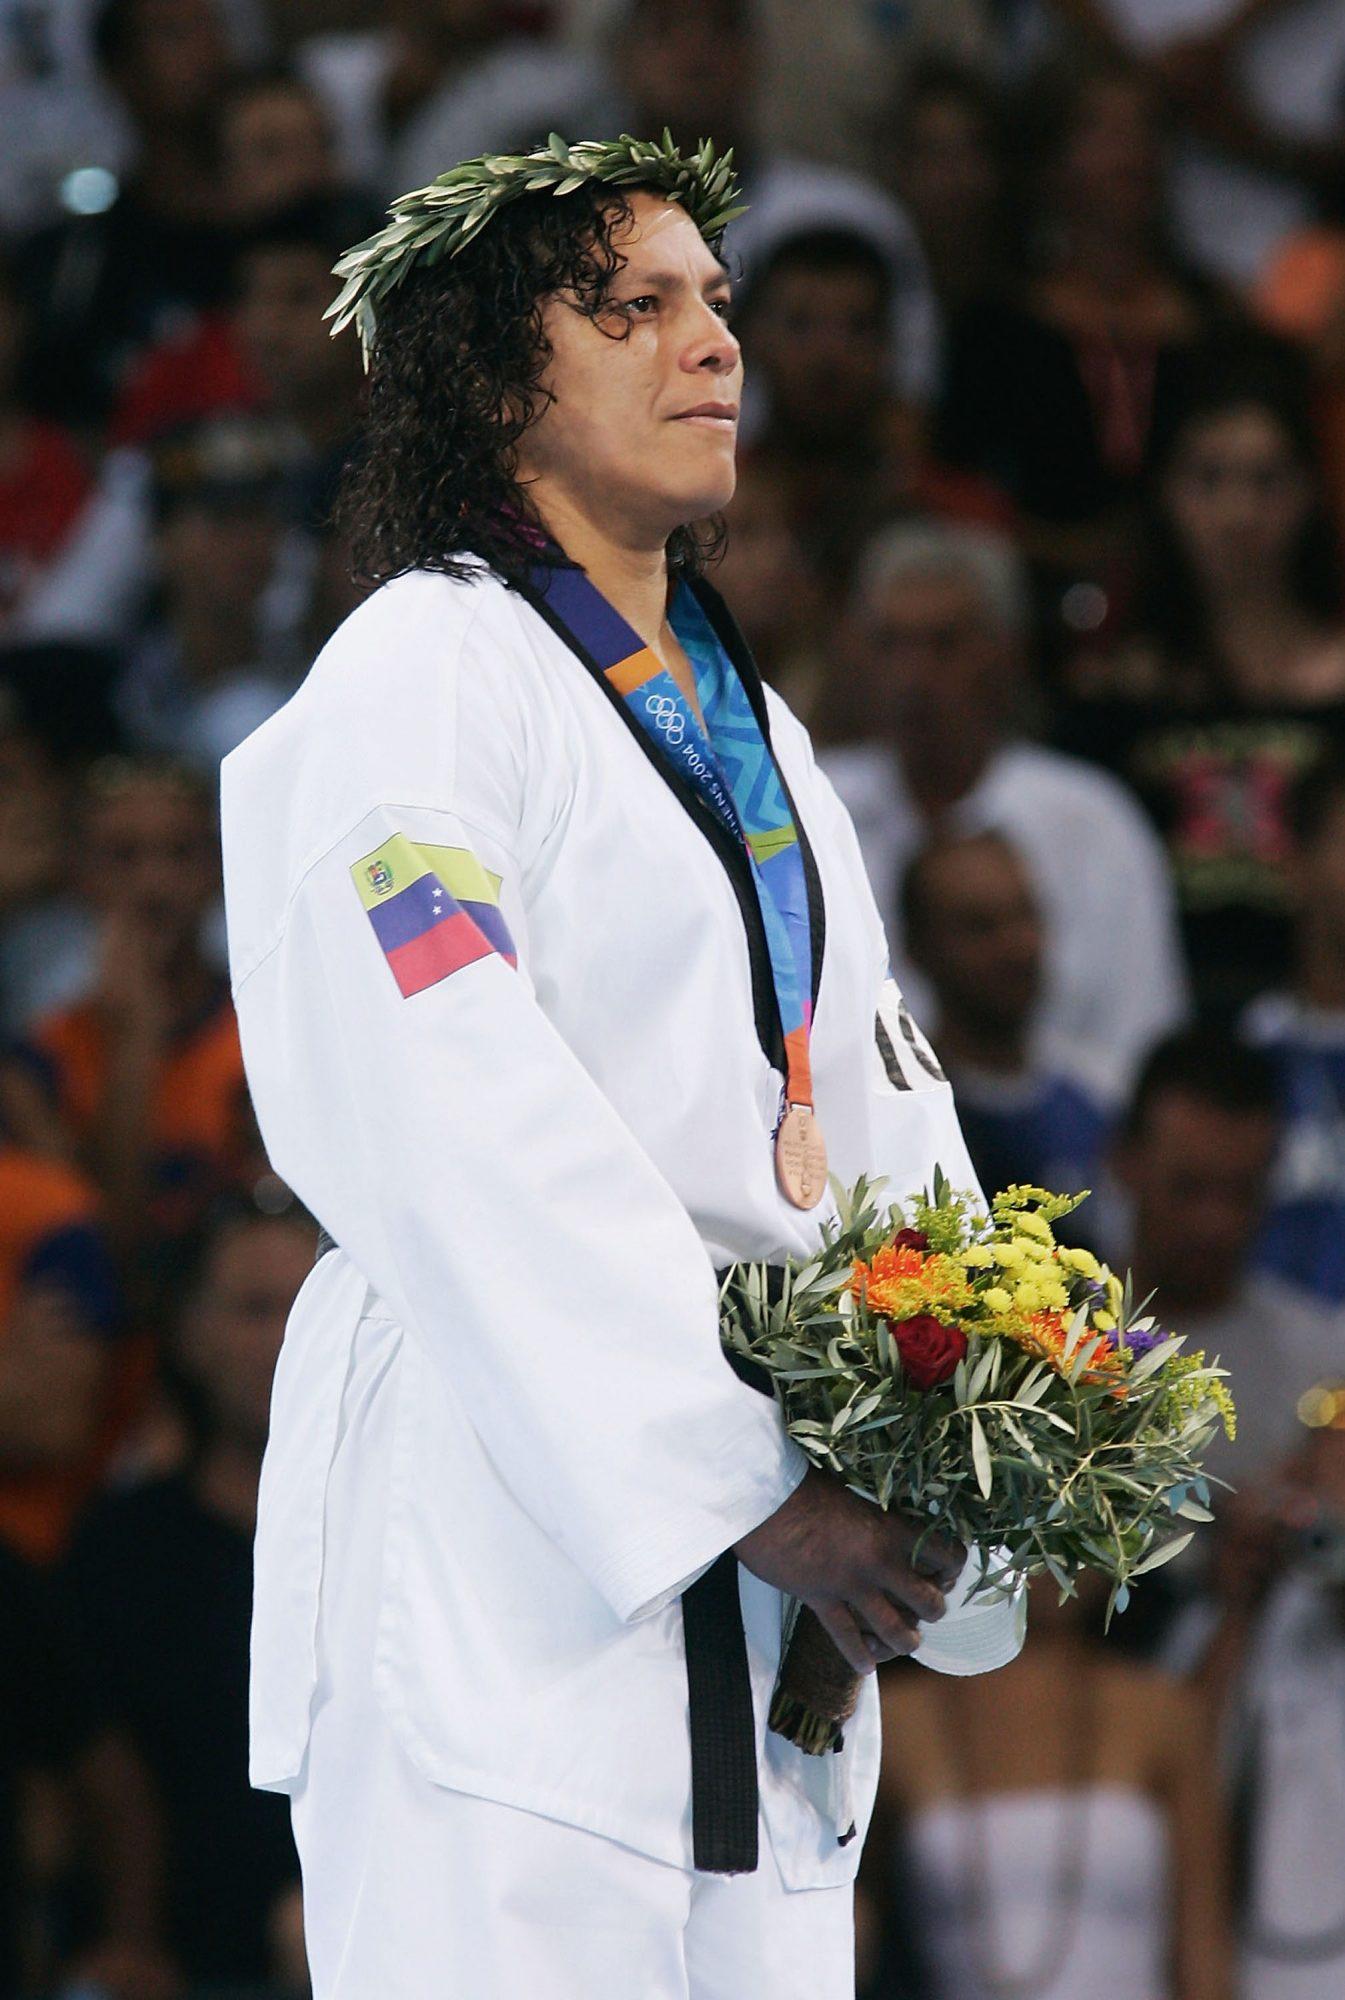 La taekwondista es la única deportista venezolana que ha sido distinguida con dos preseas olímpicas. Barcelona 1992 y Atenas 2004 fueron las dos ediciones de Juegos Olímpicos en los que la atleta logró llevarse medallas de bronce.